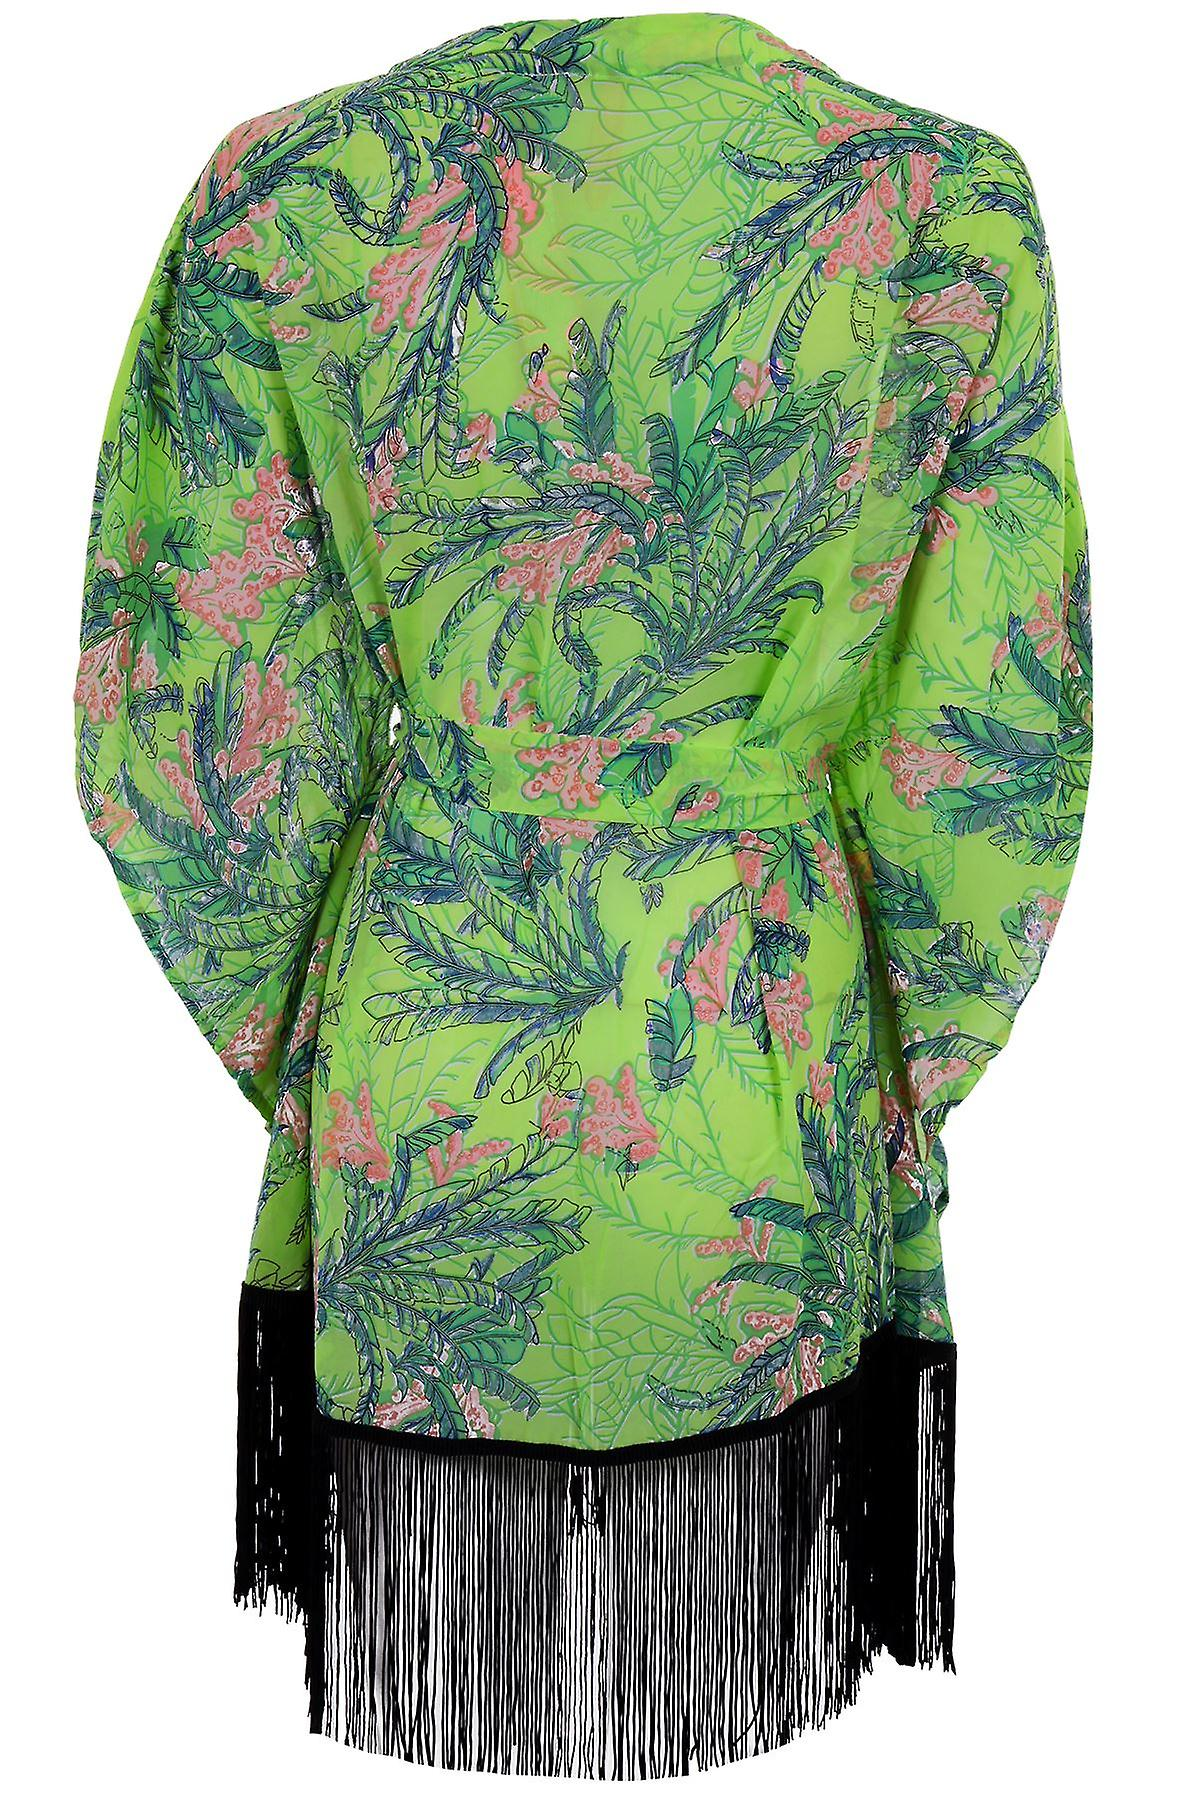 Naisten lyhythihainen Batwing Sifonki kukkakuvio Tasseled naisten kimonon takki